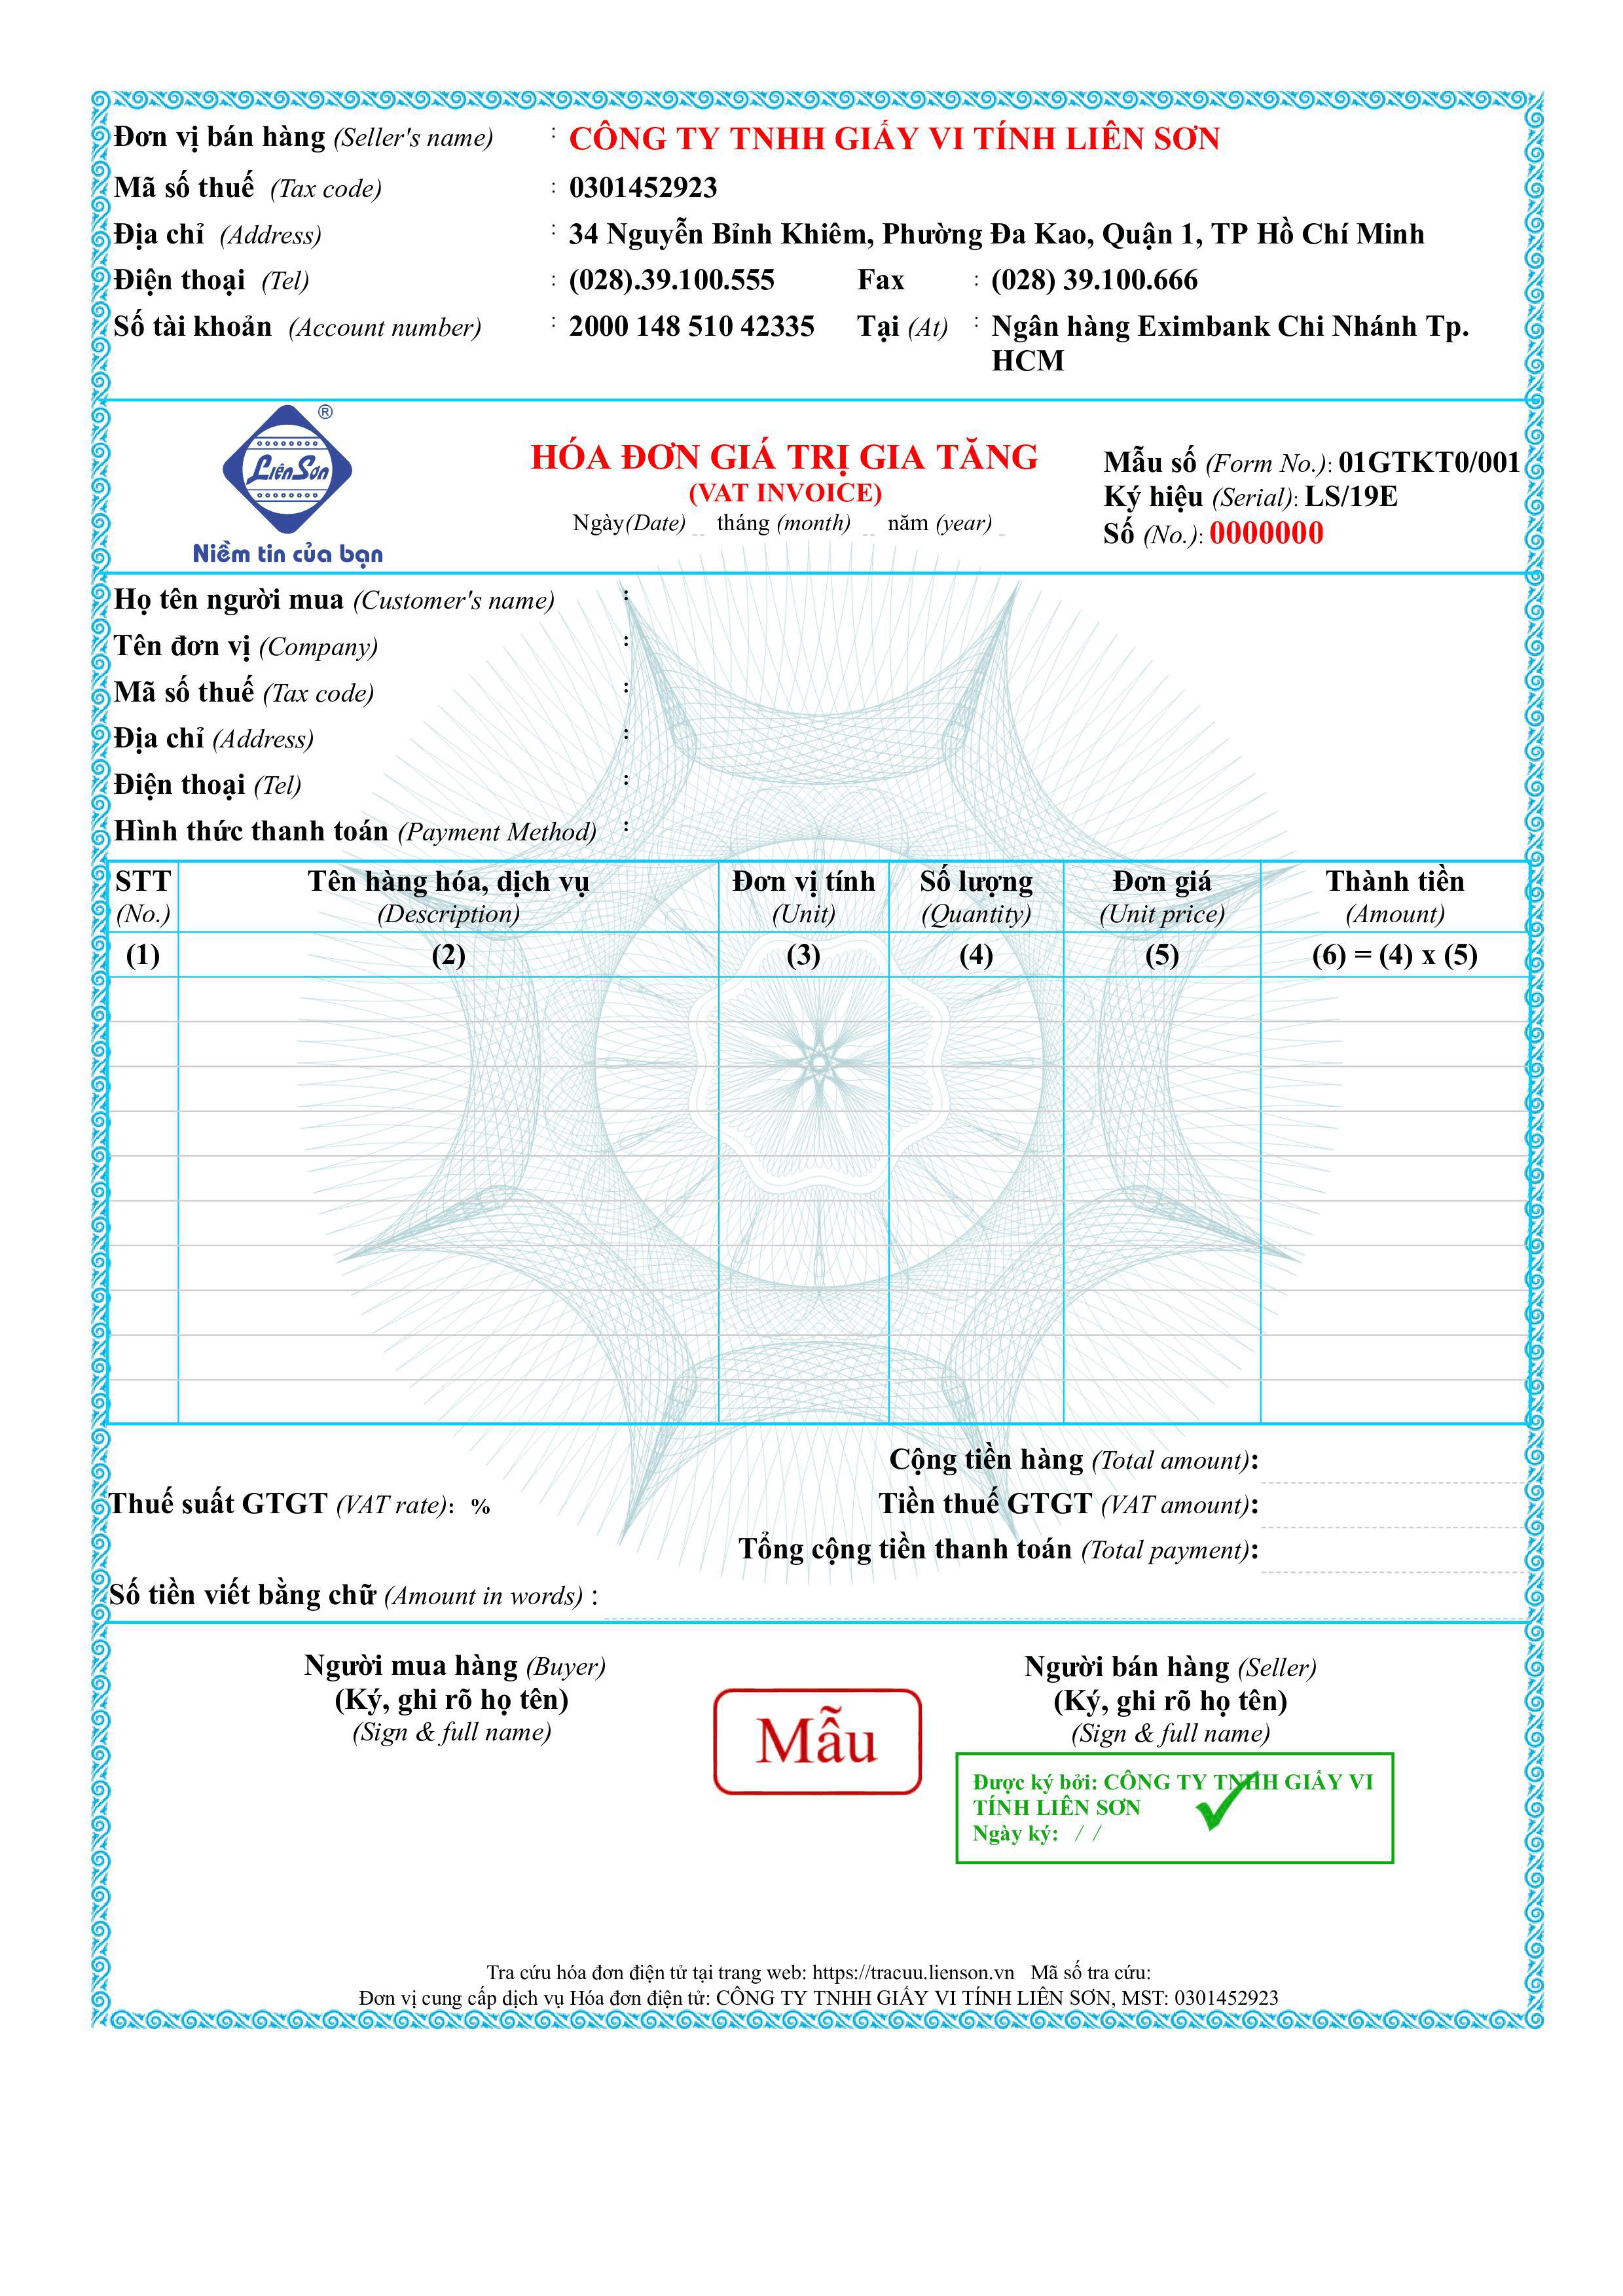 Liên Sơn